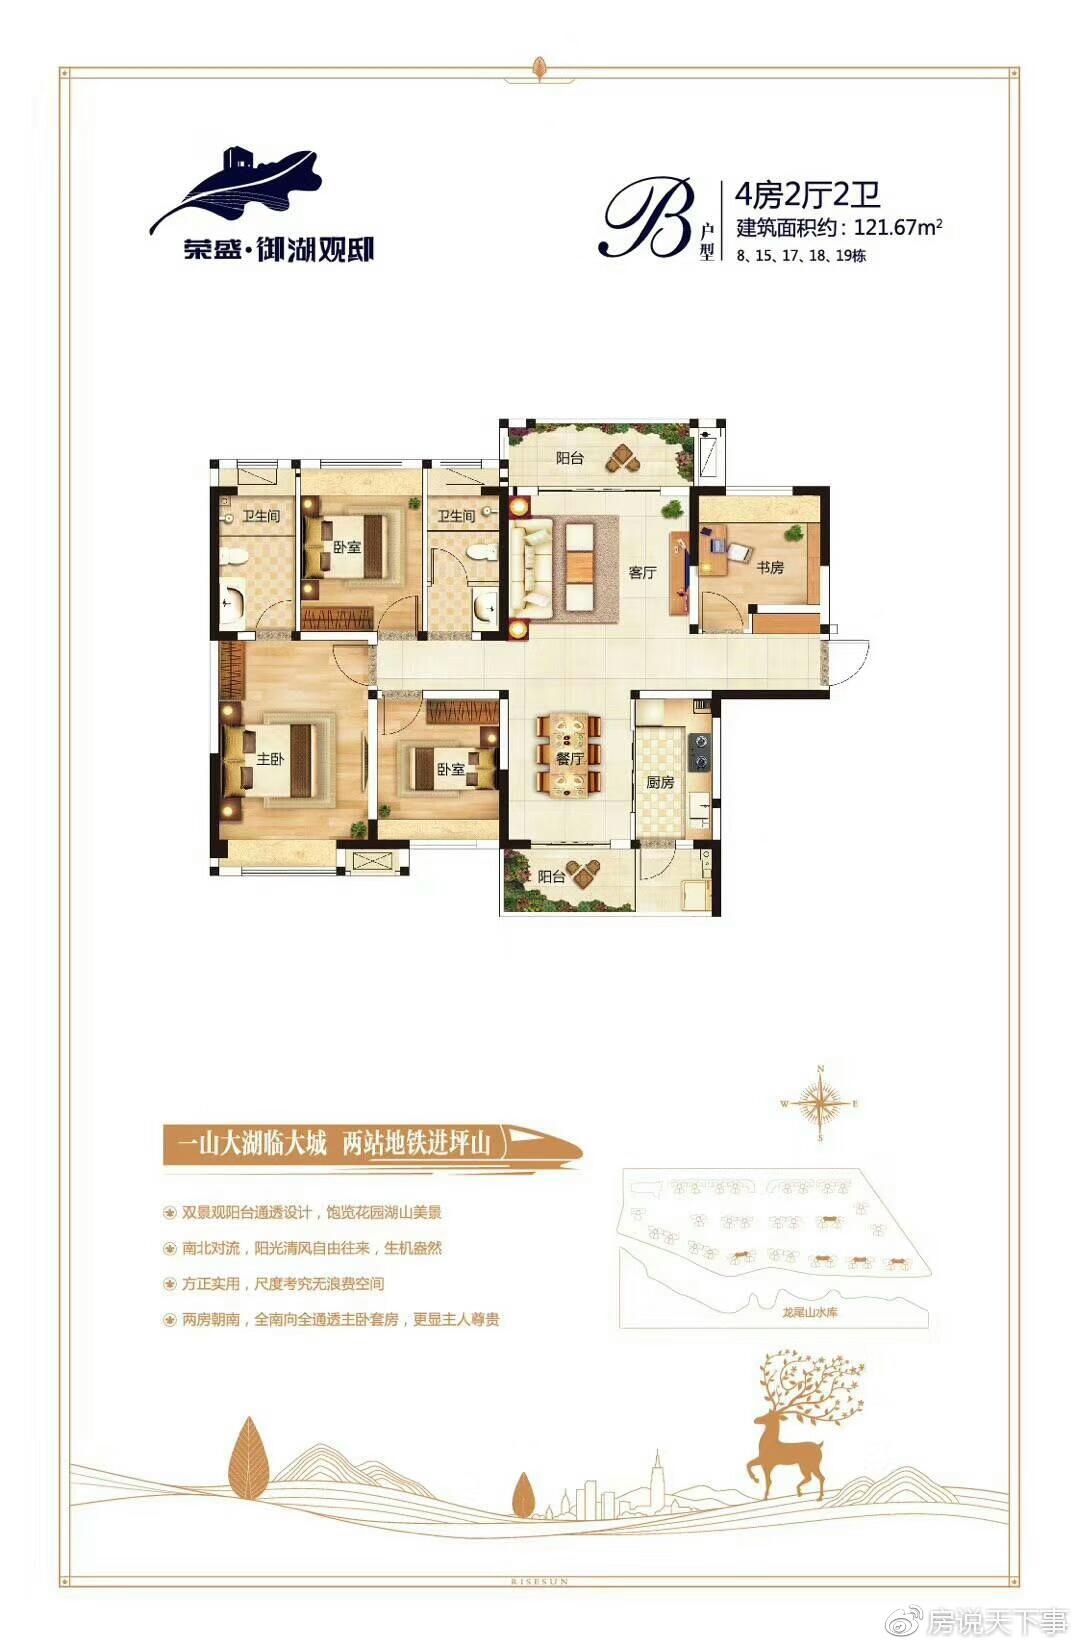 深圳地铁16号线下一站所在荣盛御湖观邸。